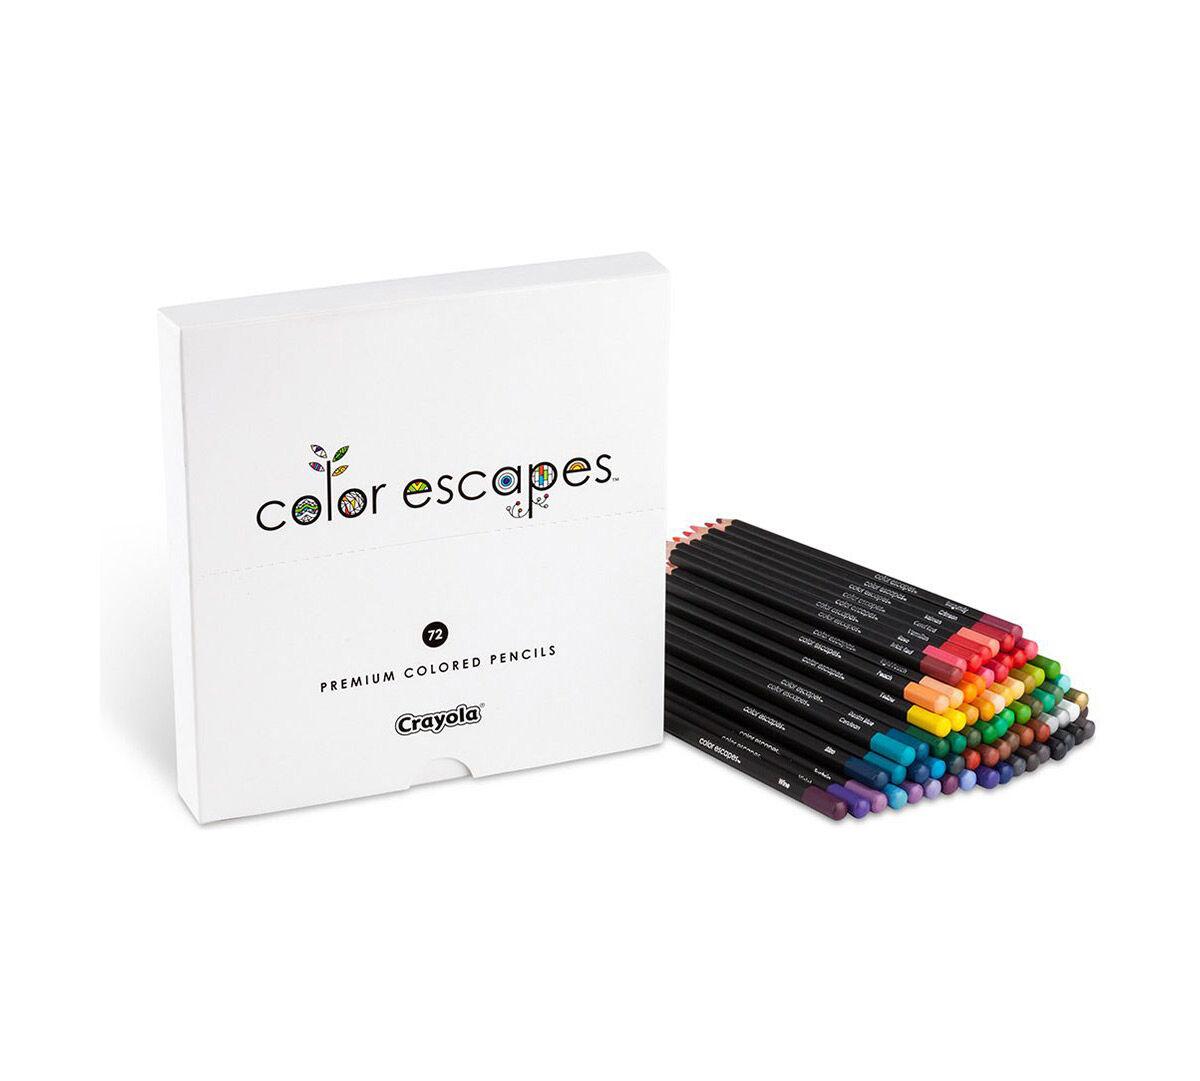 Color Escapes Premium 72 Ct Colored Pencils Crayola - Premium-color-pencils